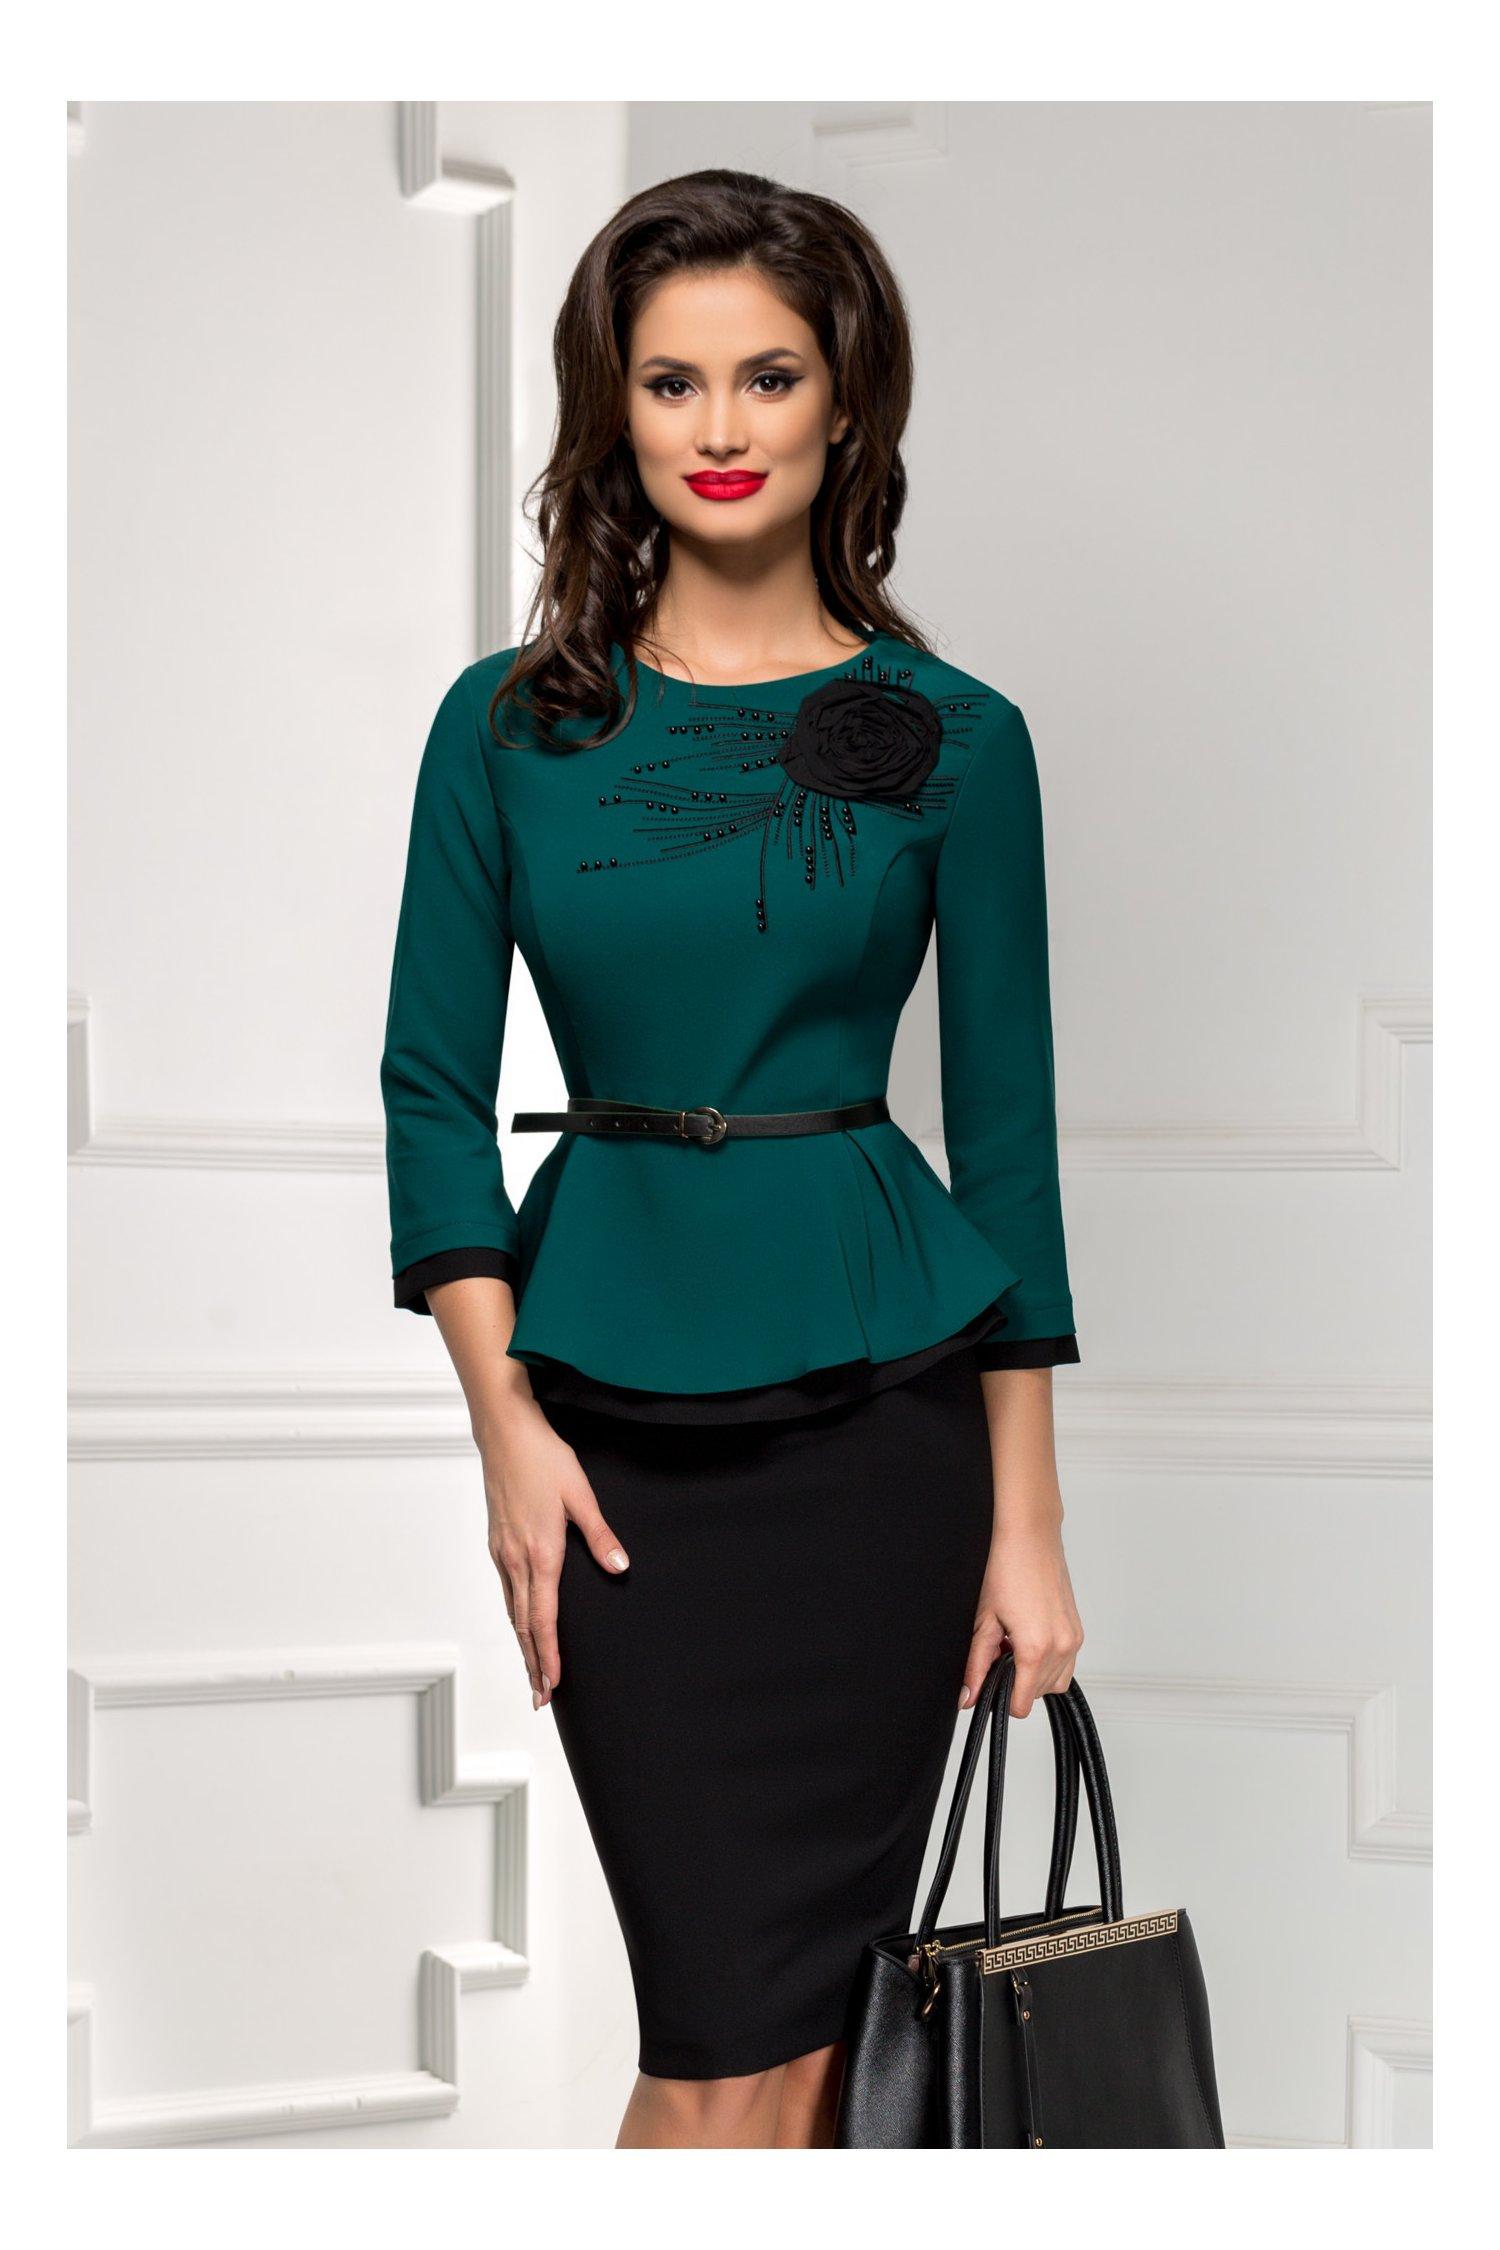 Compleu dama fusta si bluza verde cu aplicatie